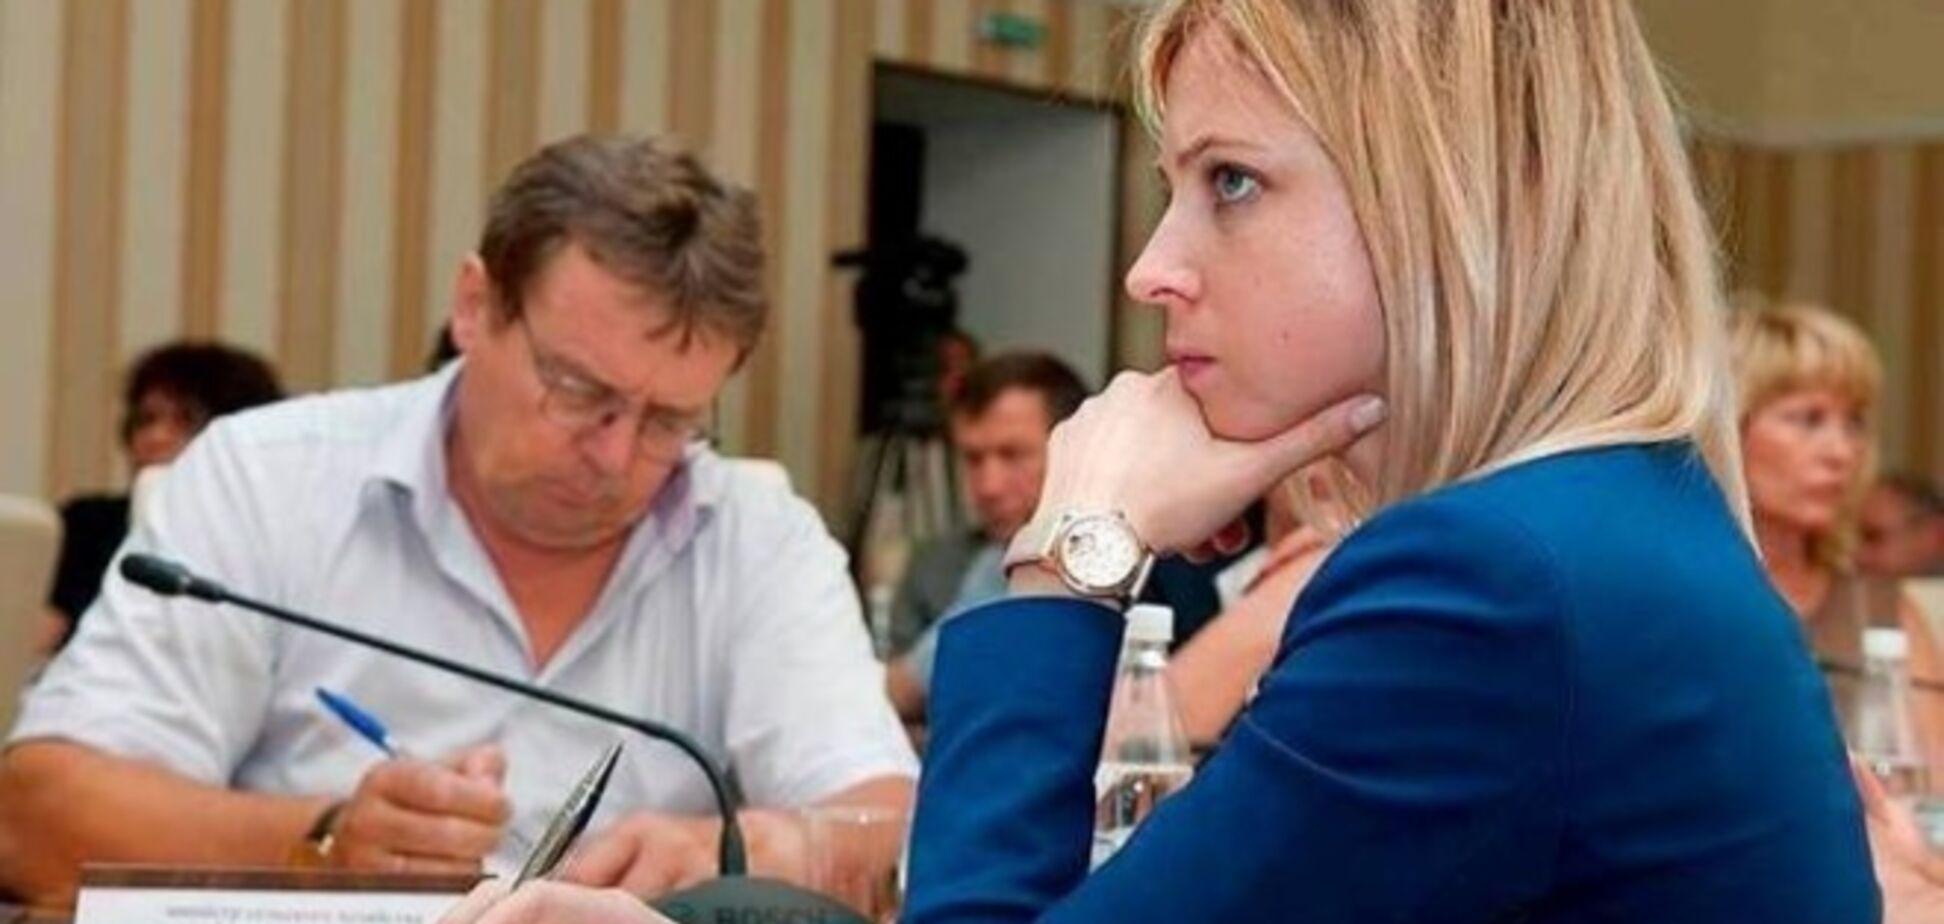 Прокурор-'няша' 'засветила' швейцарские часы с бриллиантами